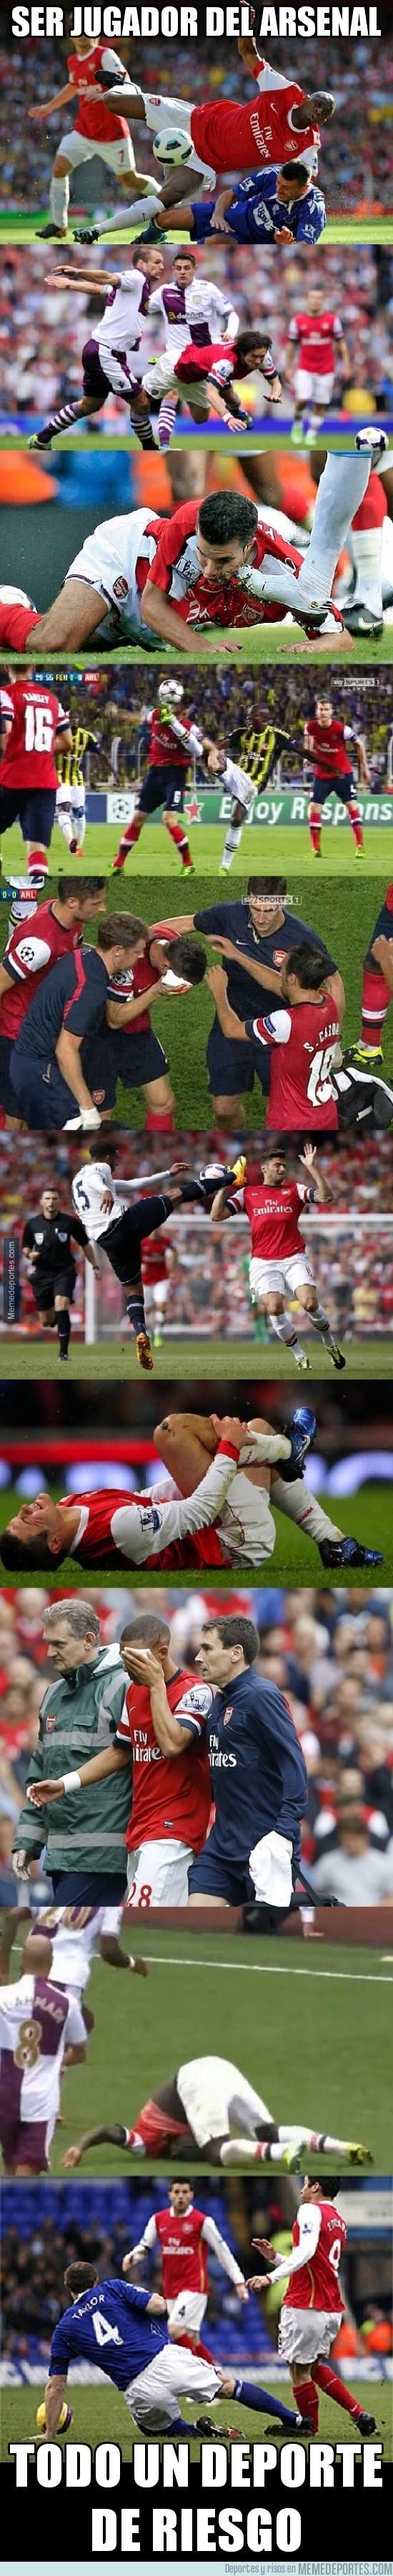 214760 - Ser jugador del Arsenal